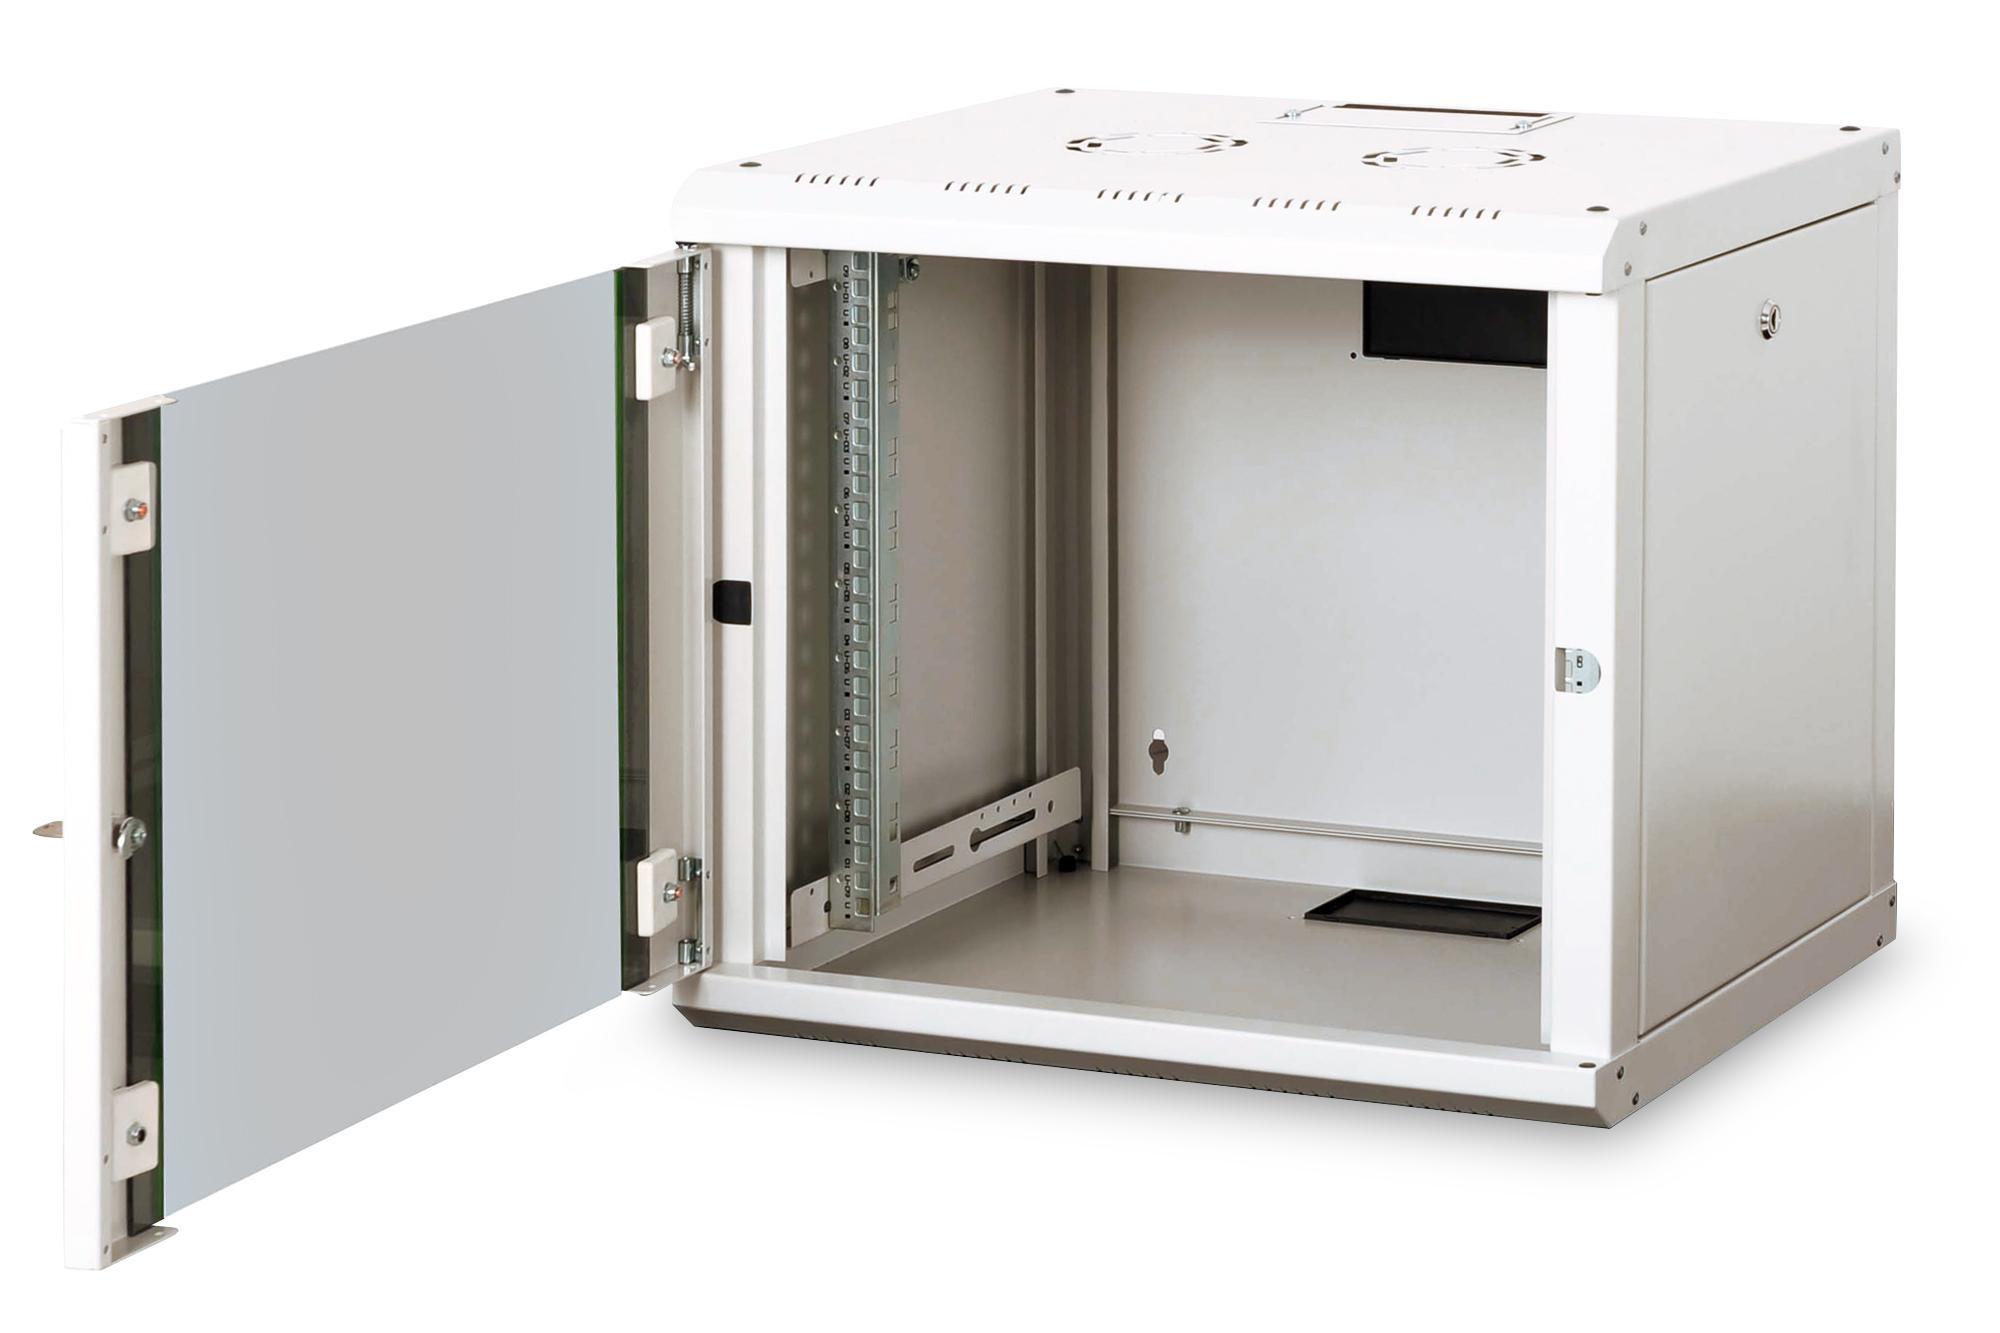 Digitus Wandschrank Modell : Digitus professional 9he netzwerk wandgehäuse: amazon.de: computer